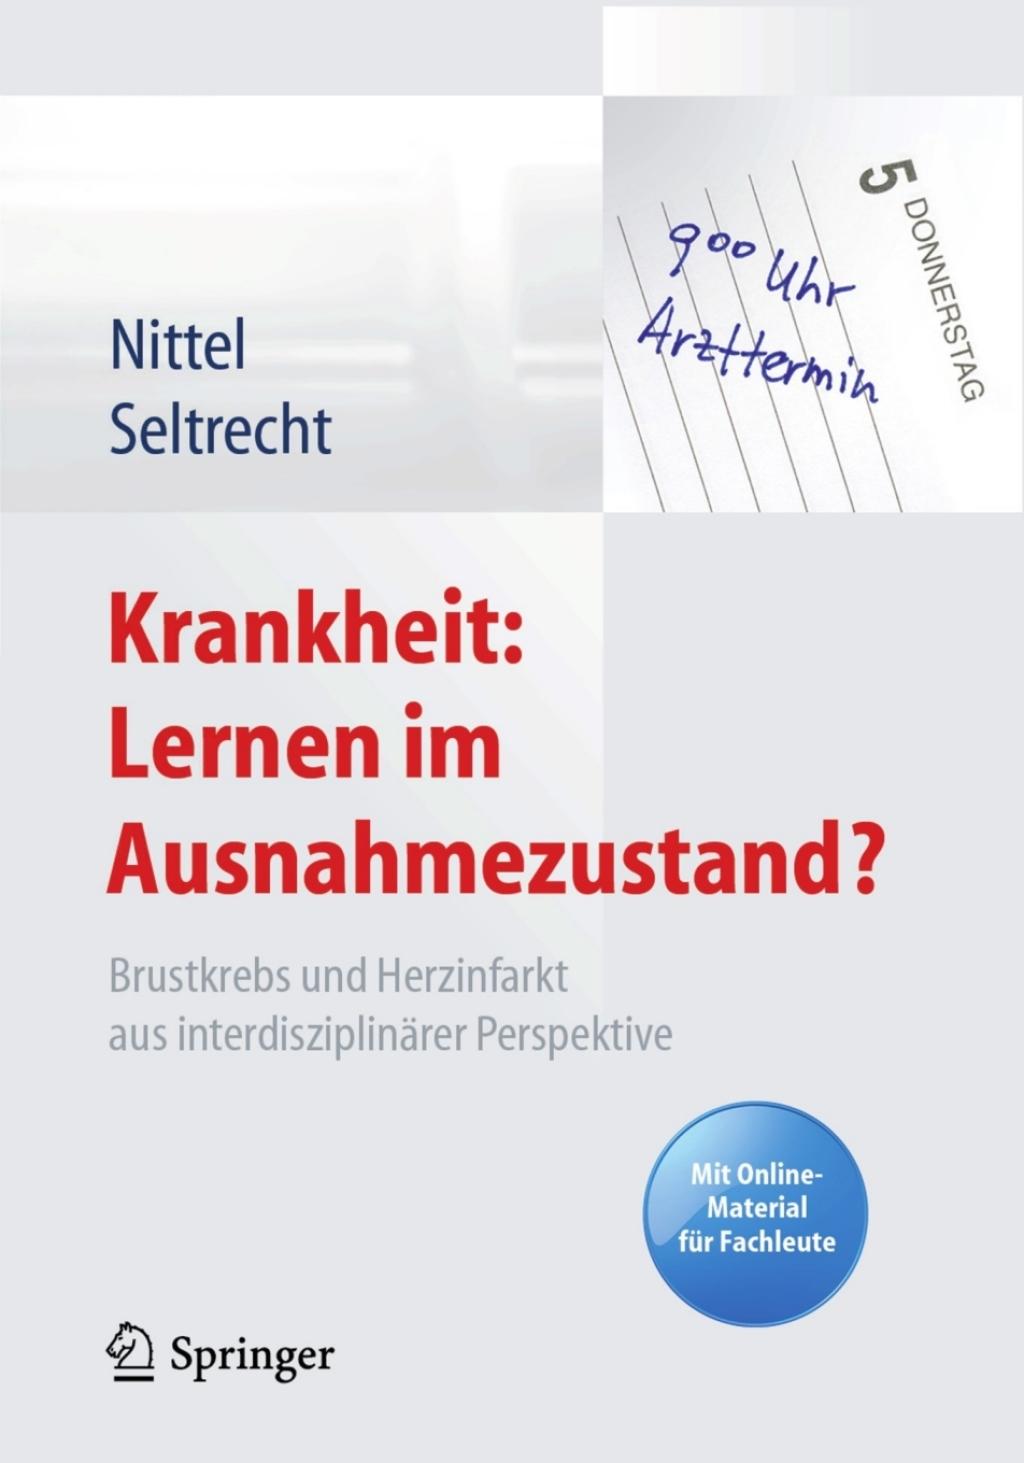 Krankheit: Lernen im Ausnahmezustand? (eBook) - Dieter Nittel